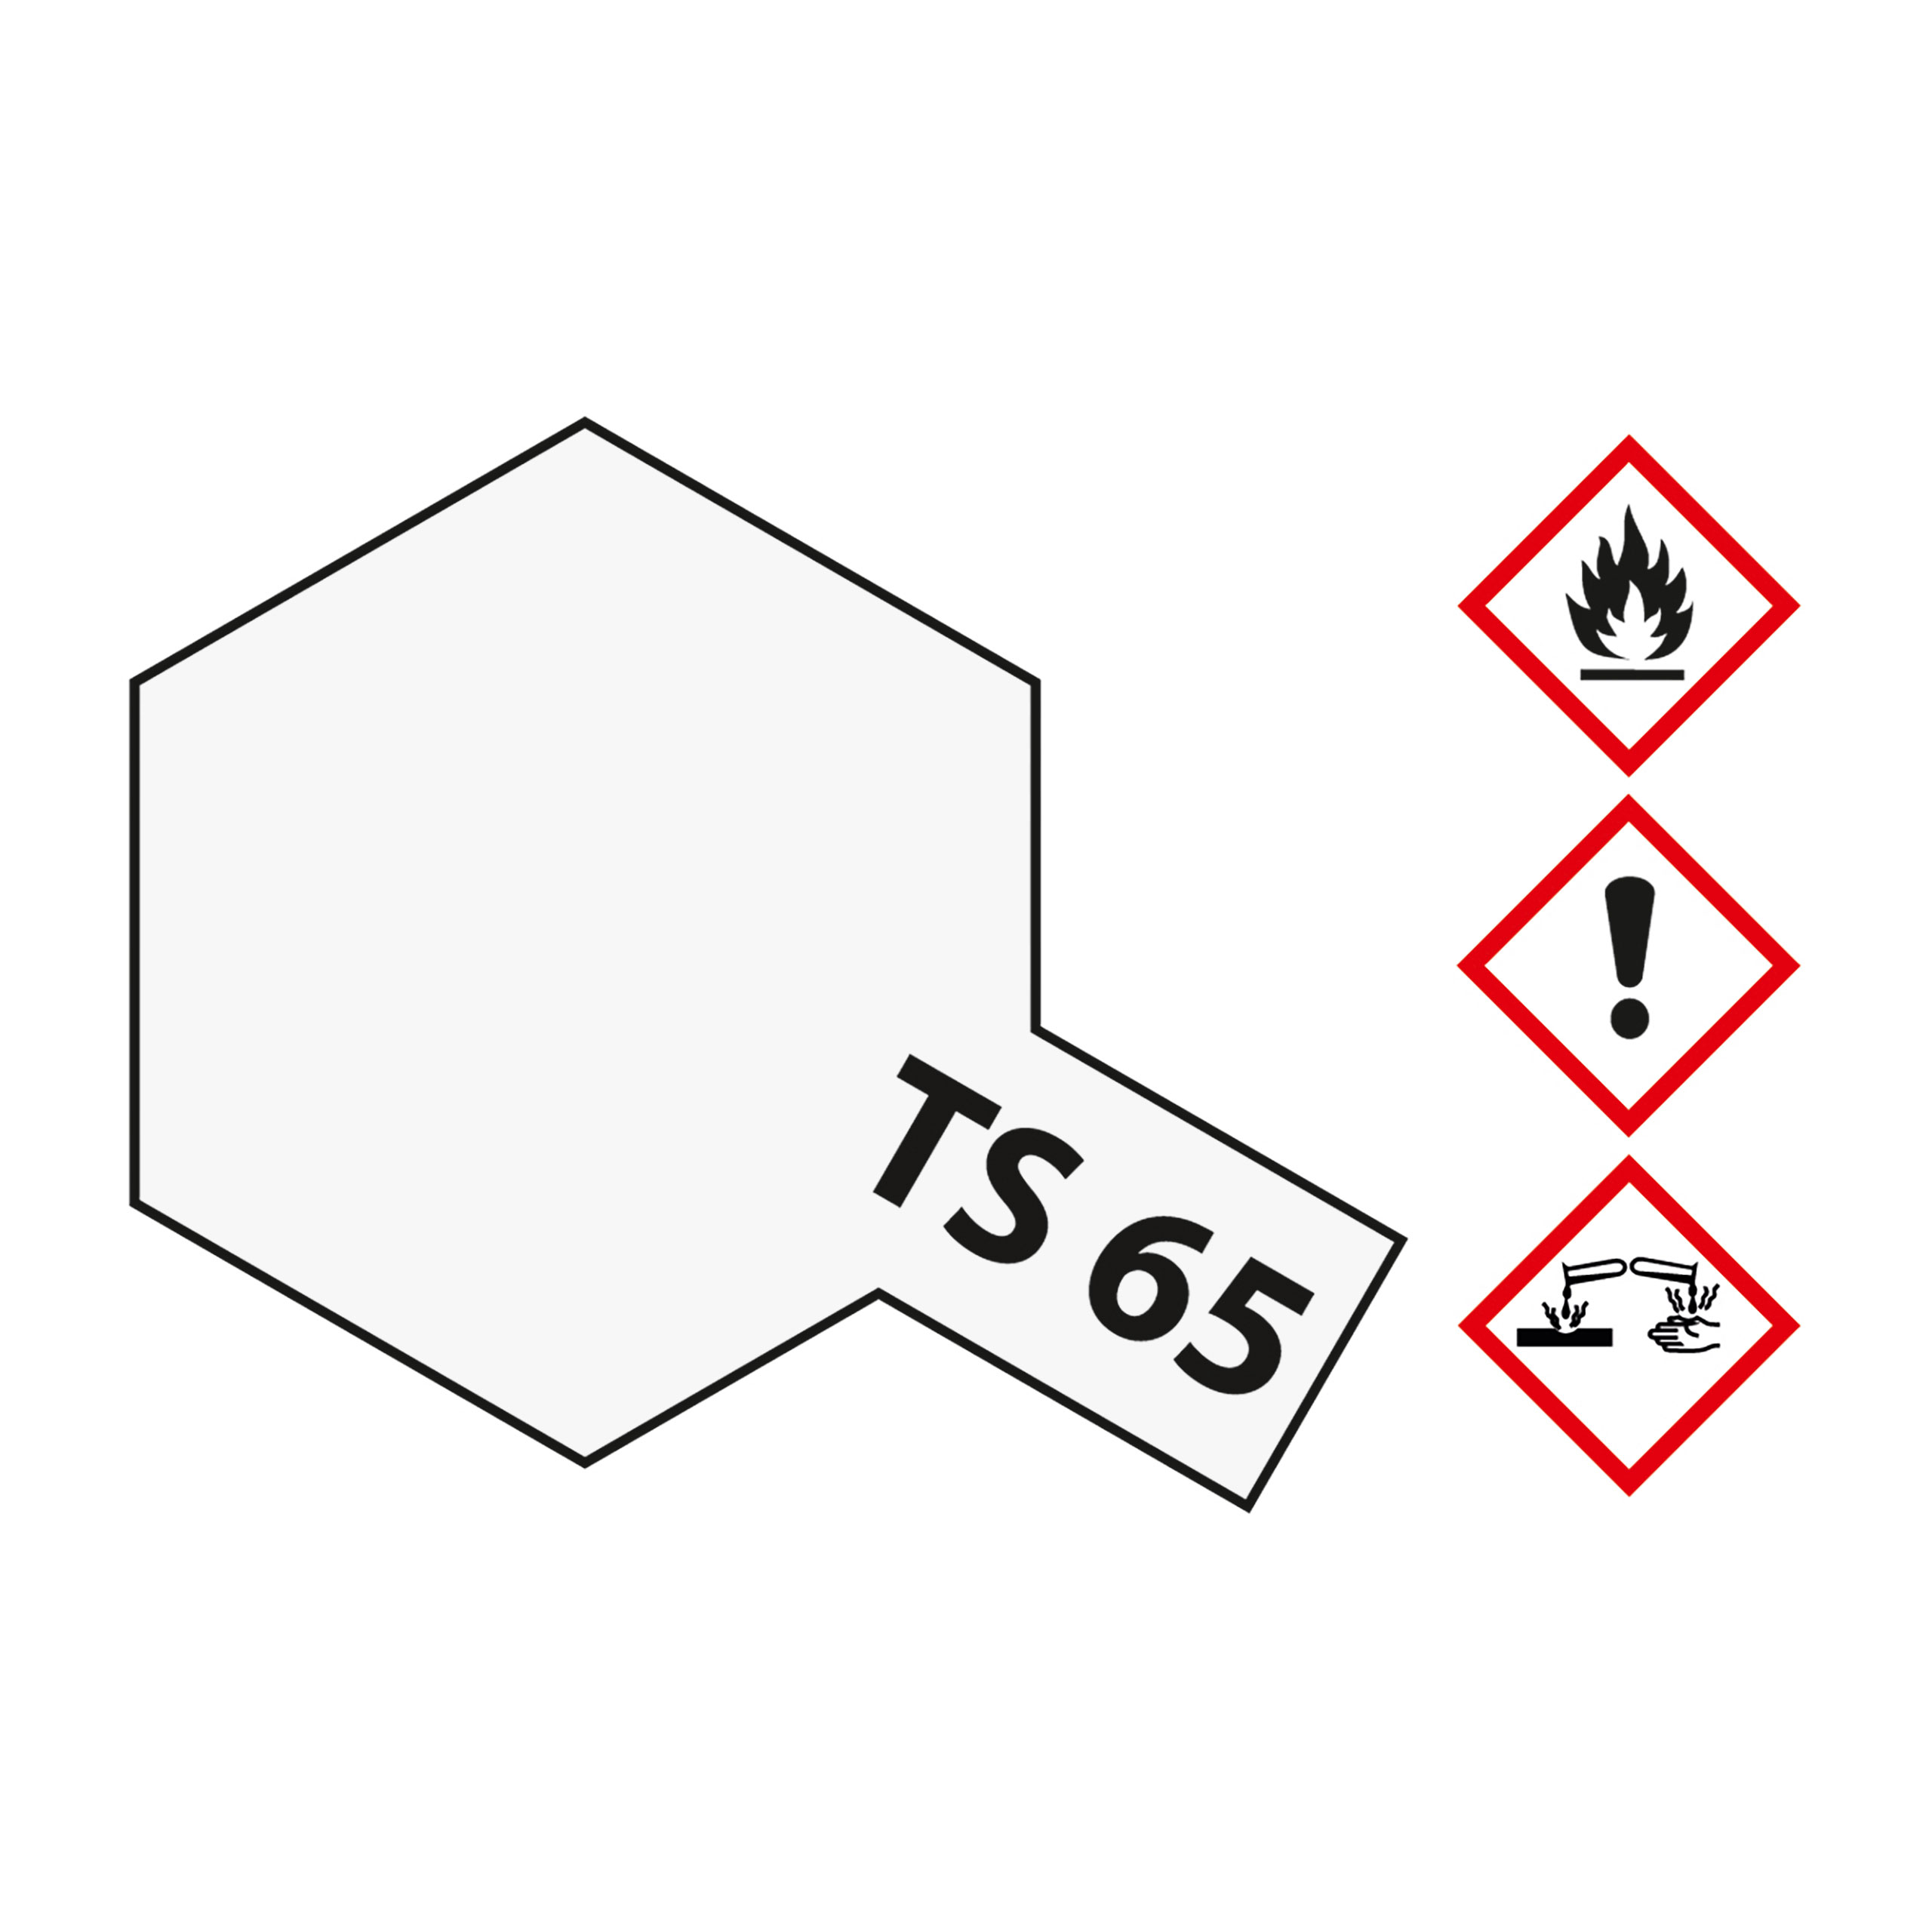 TS-65 Perleffekt Klarlack glaenzend - 100ml Sprayfarbe Kunstharz Tamiya 300085065